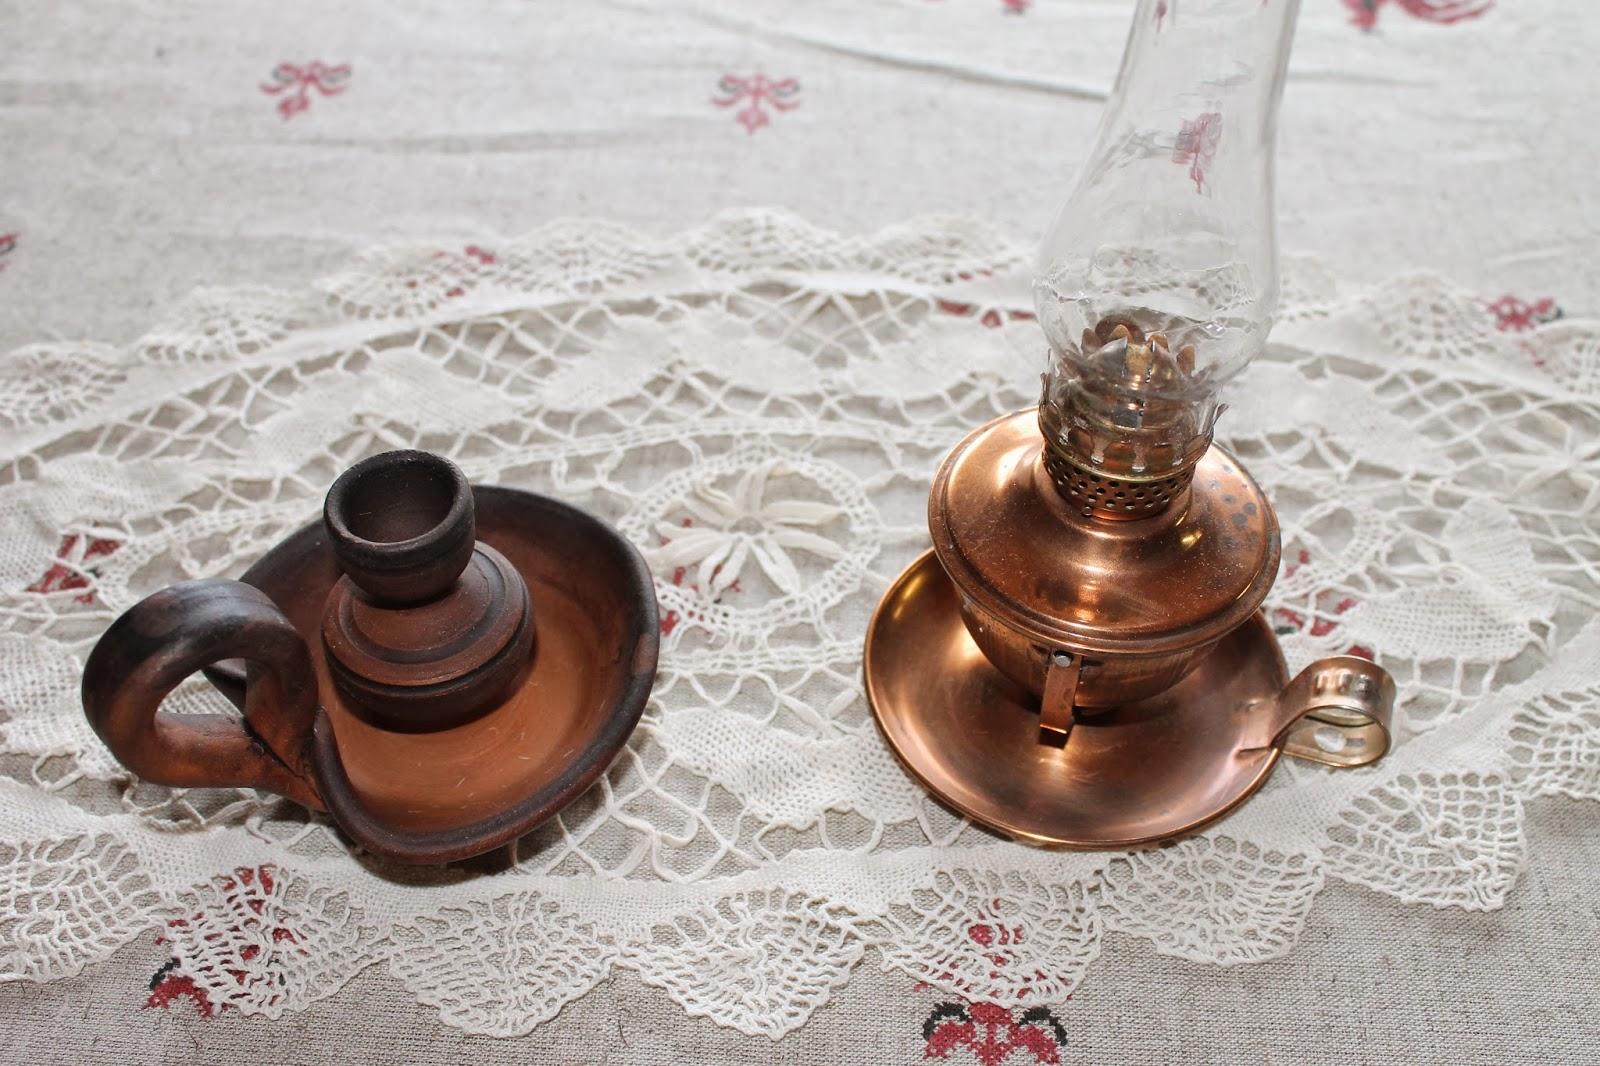 Лампа керосиновая и глиняный подсвечник